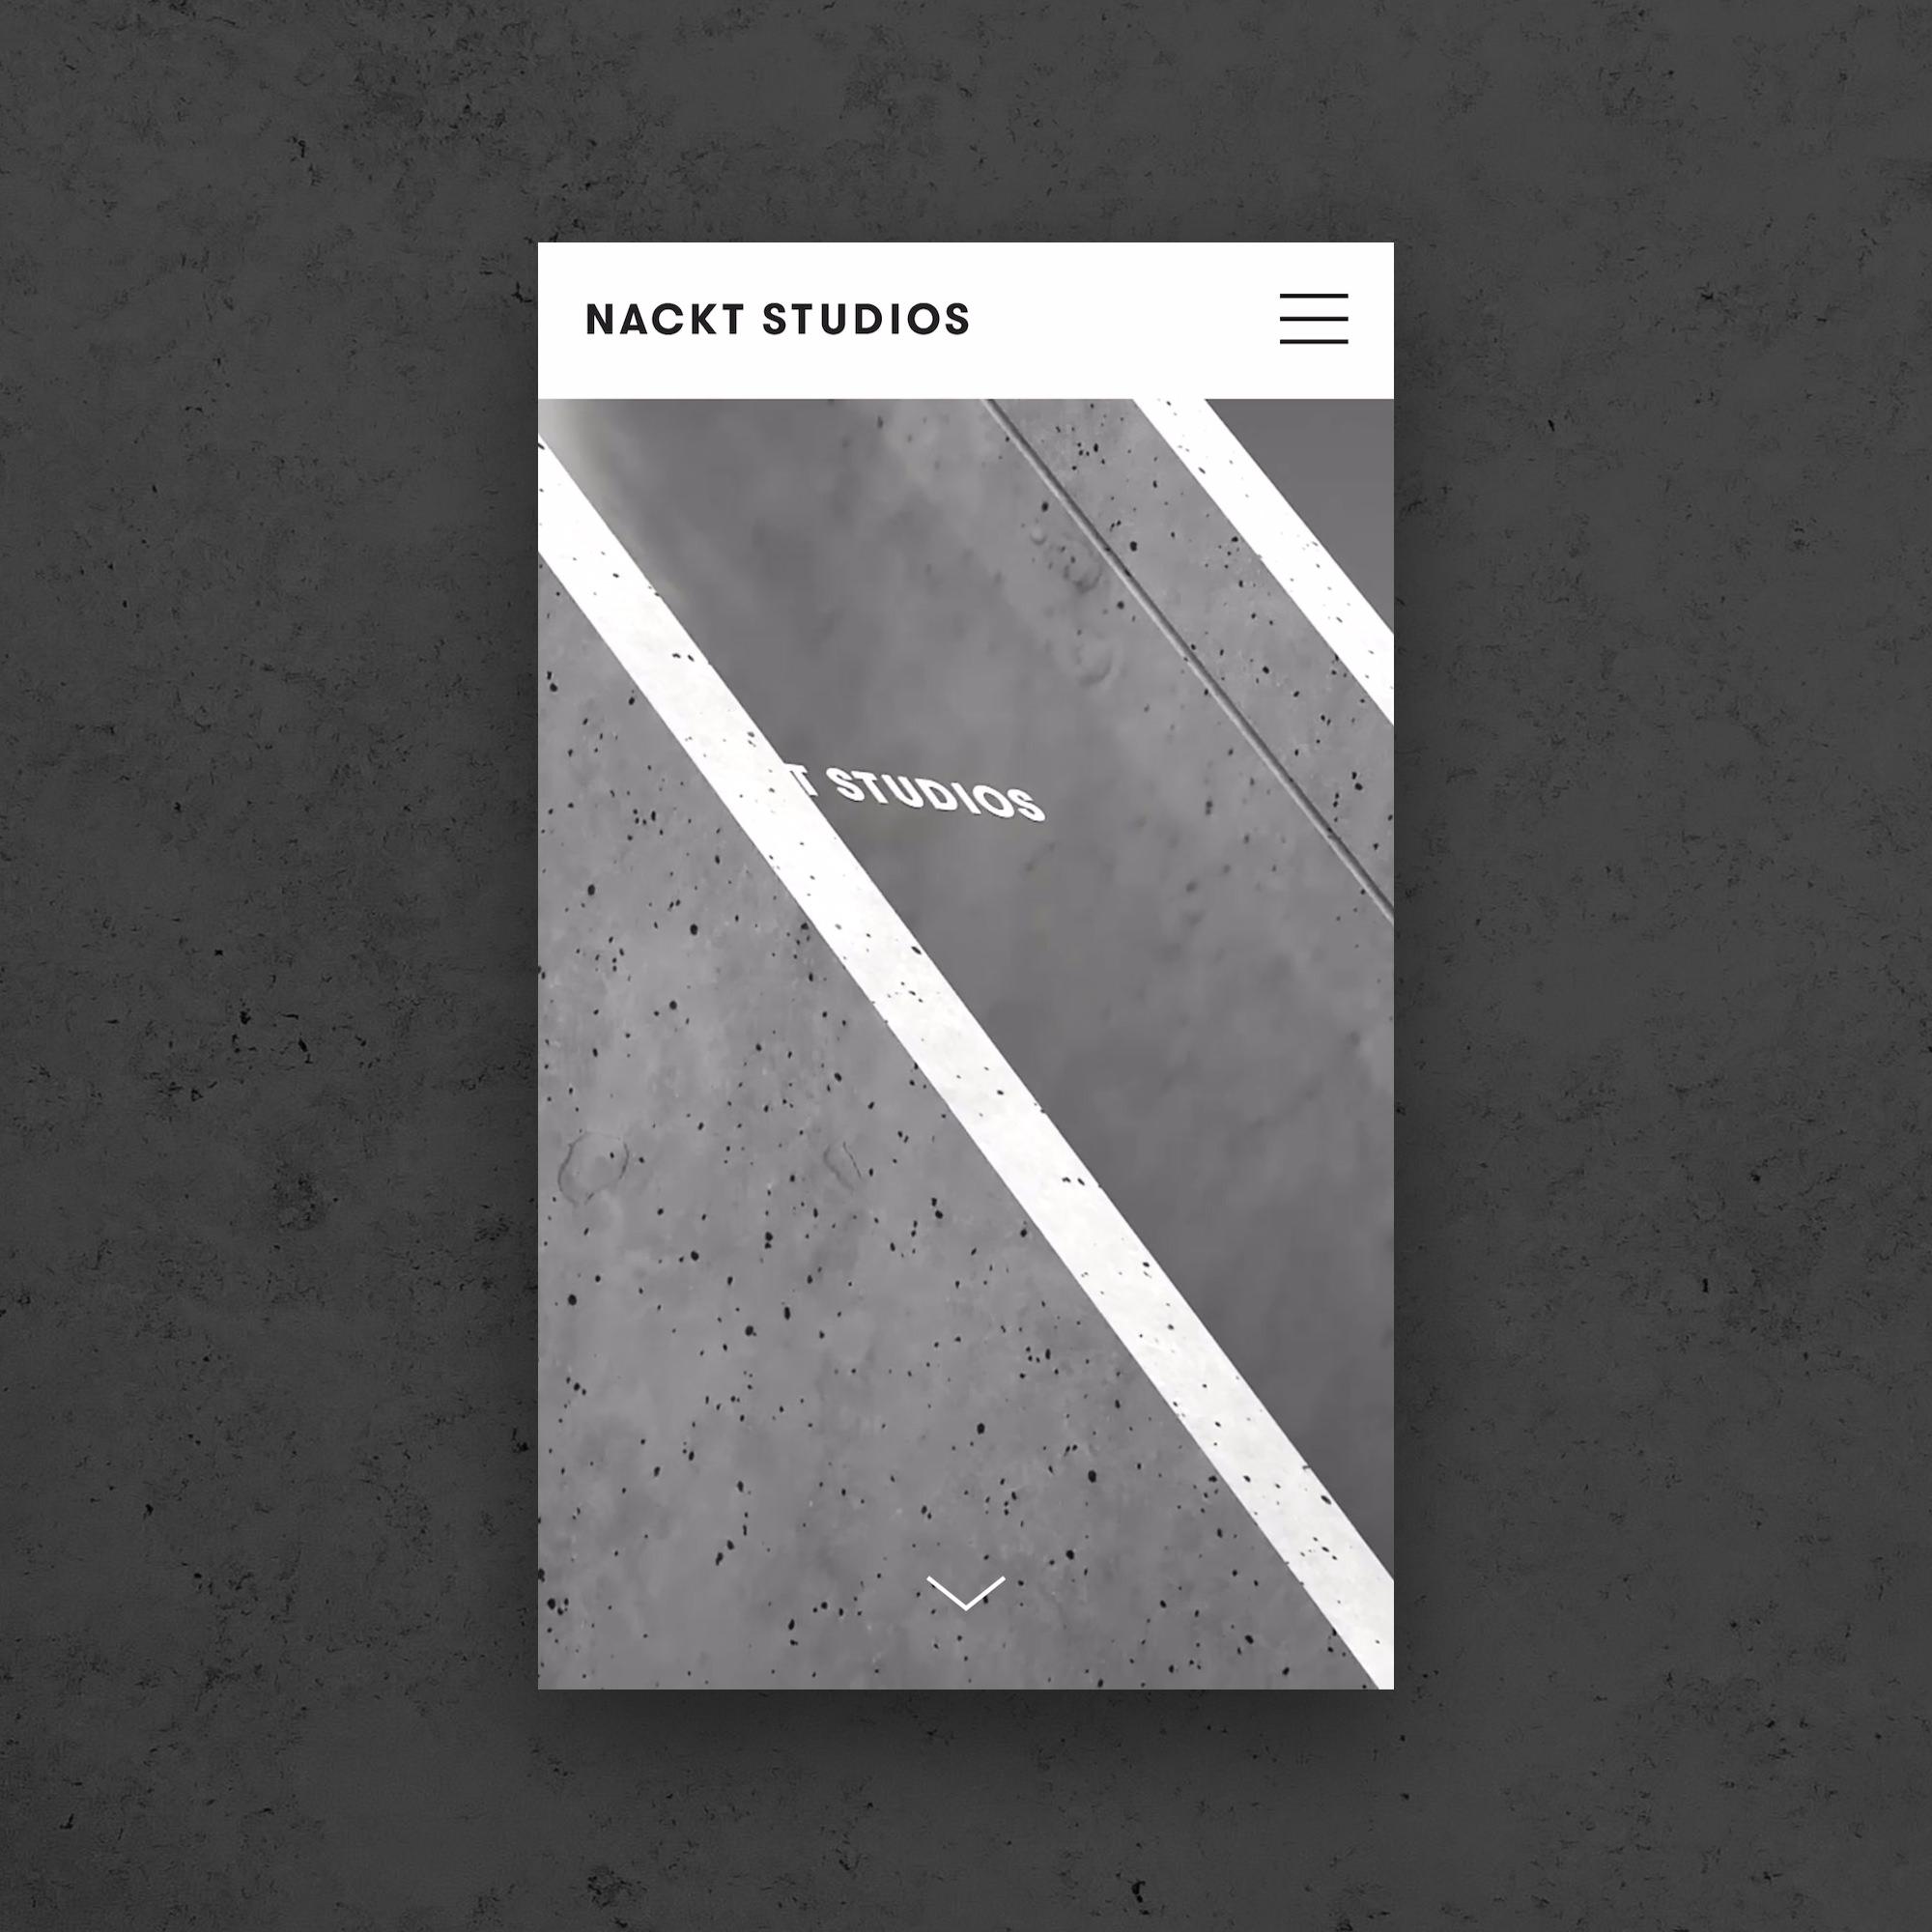 Nackt Studios 20